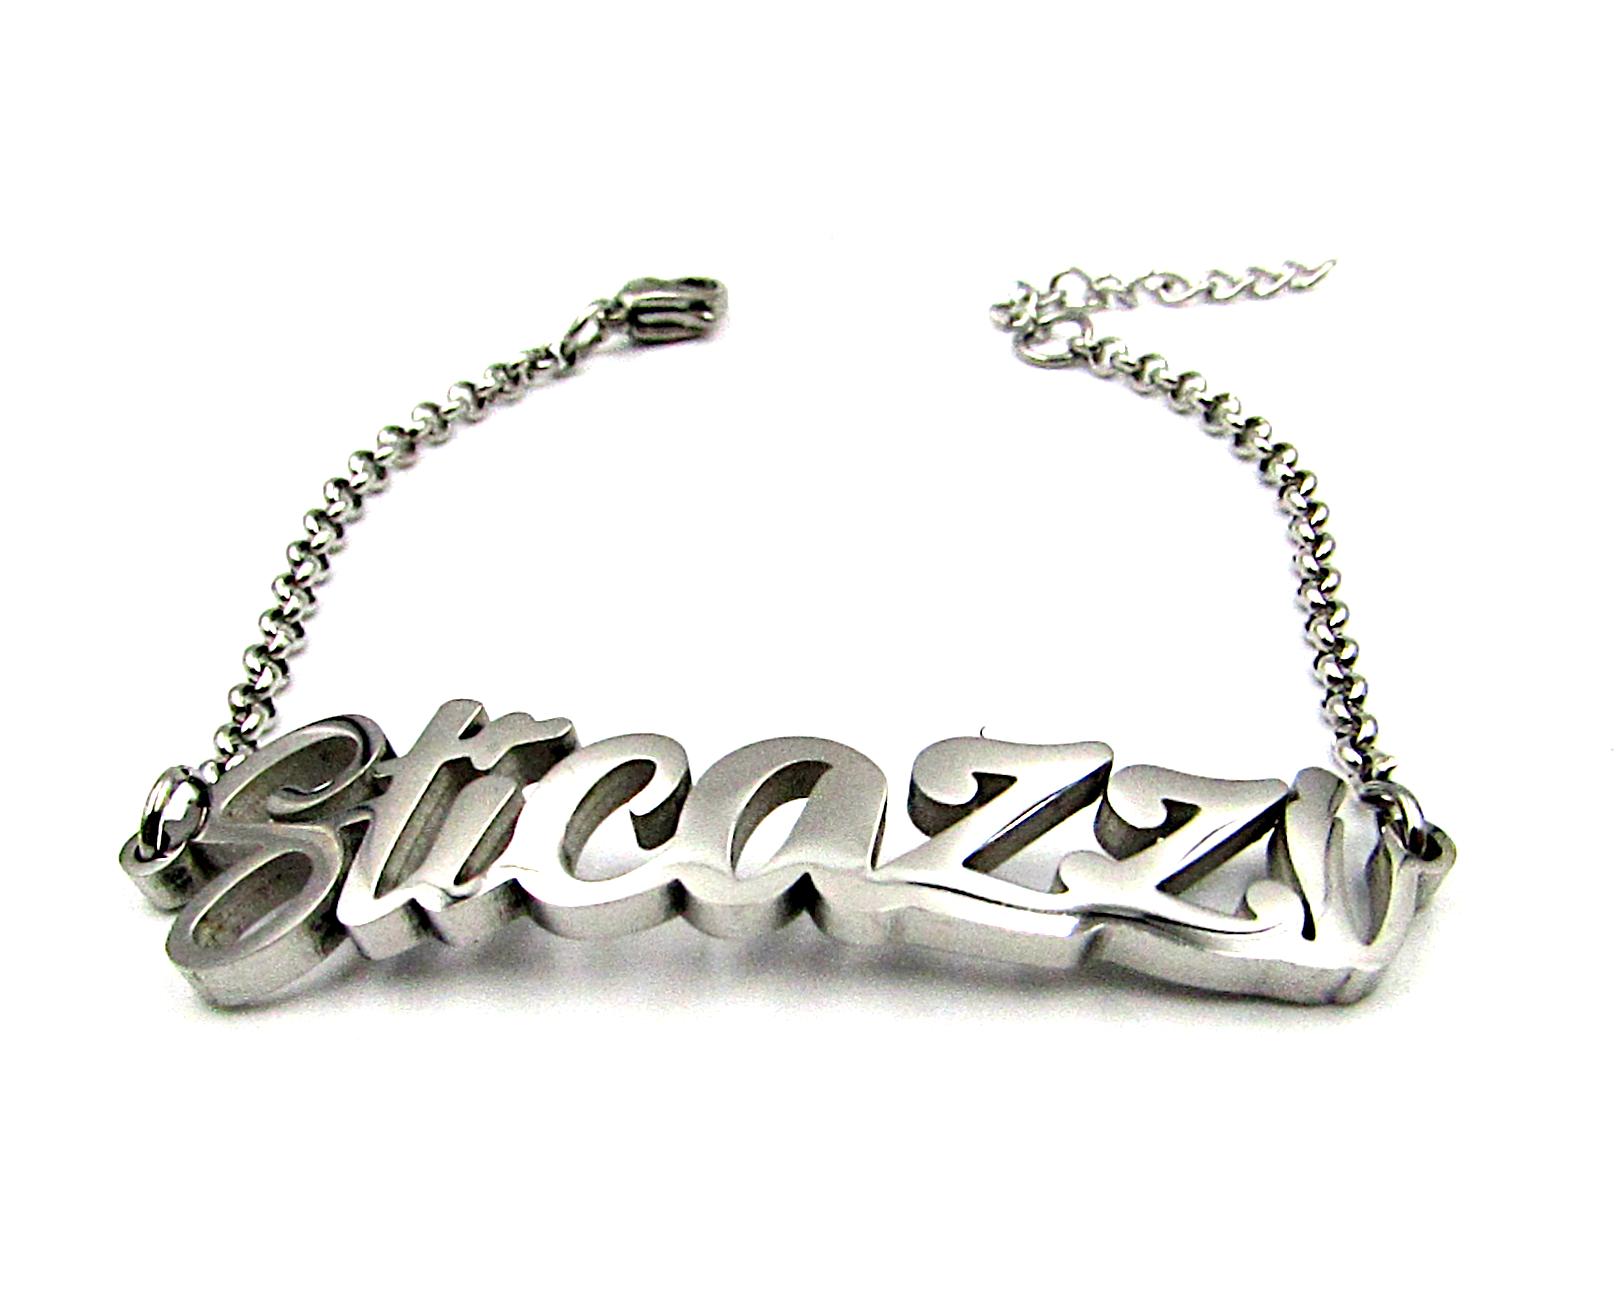 prezzo competitivo 57750 09529 Dettagli su Bracciale donna in acciaio inox a maglia scritta sticazzi con  braccialetto da